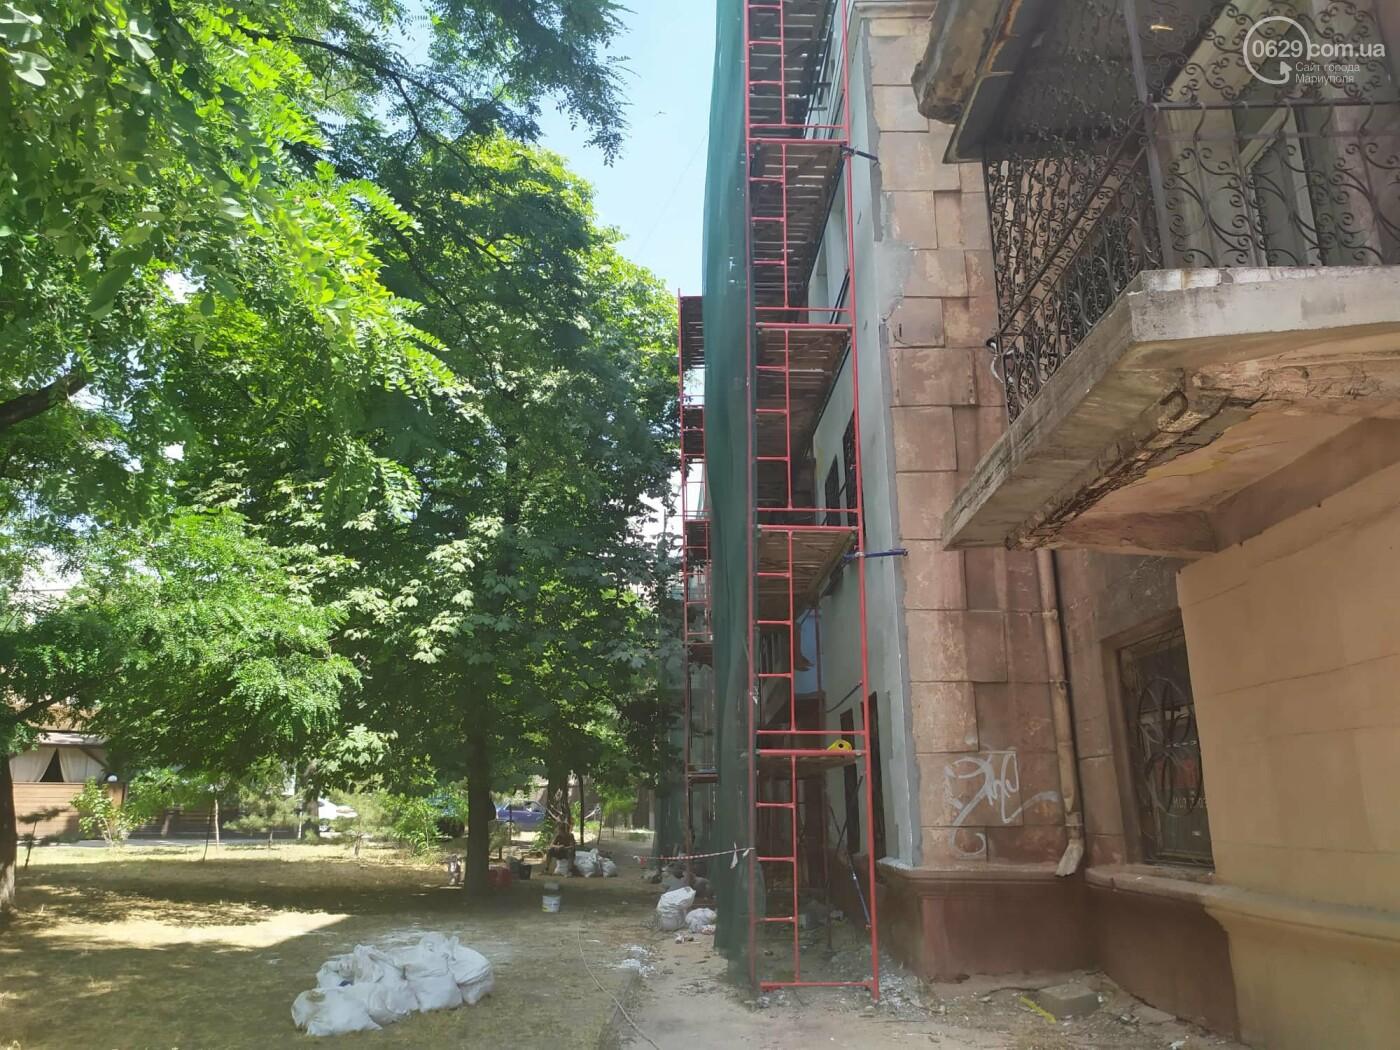 Опасный ремонт! В центре Мариуполя грабители лезут по строительным лесам в квартиры многоэтажки, - ФОТО, фото-3